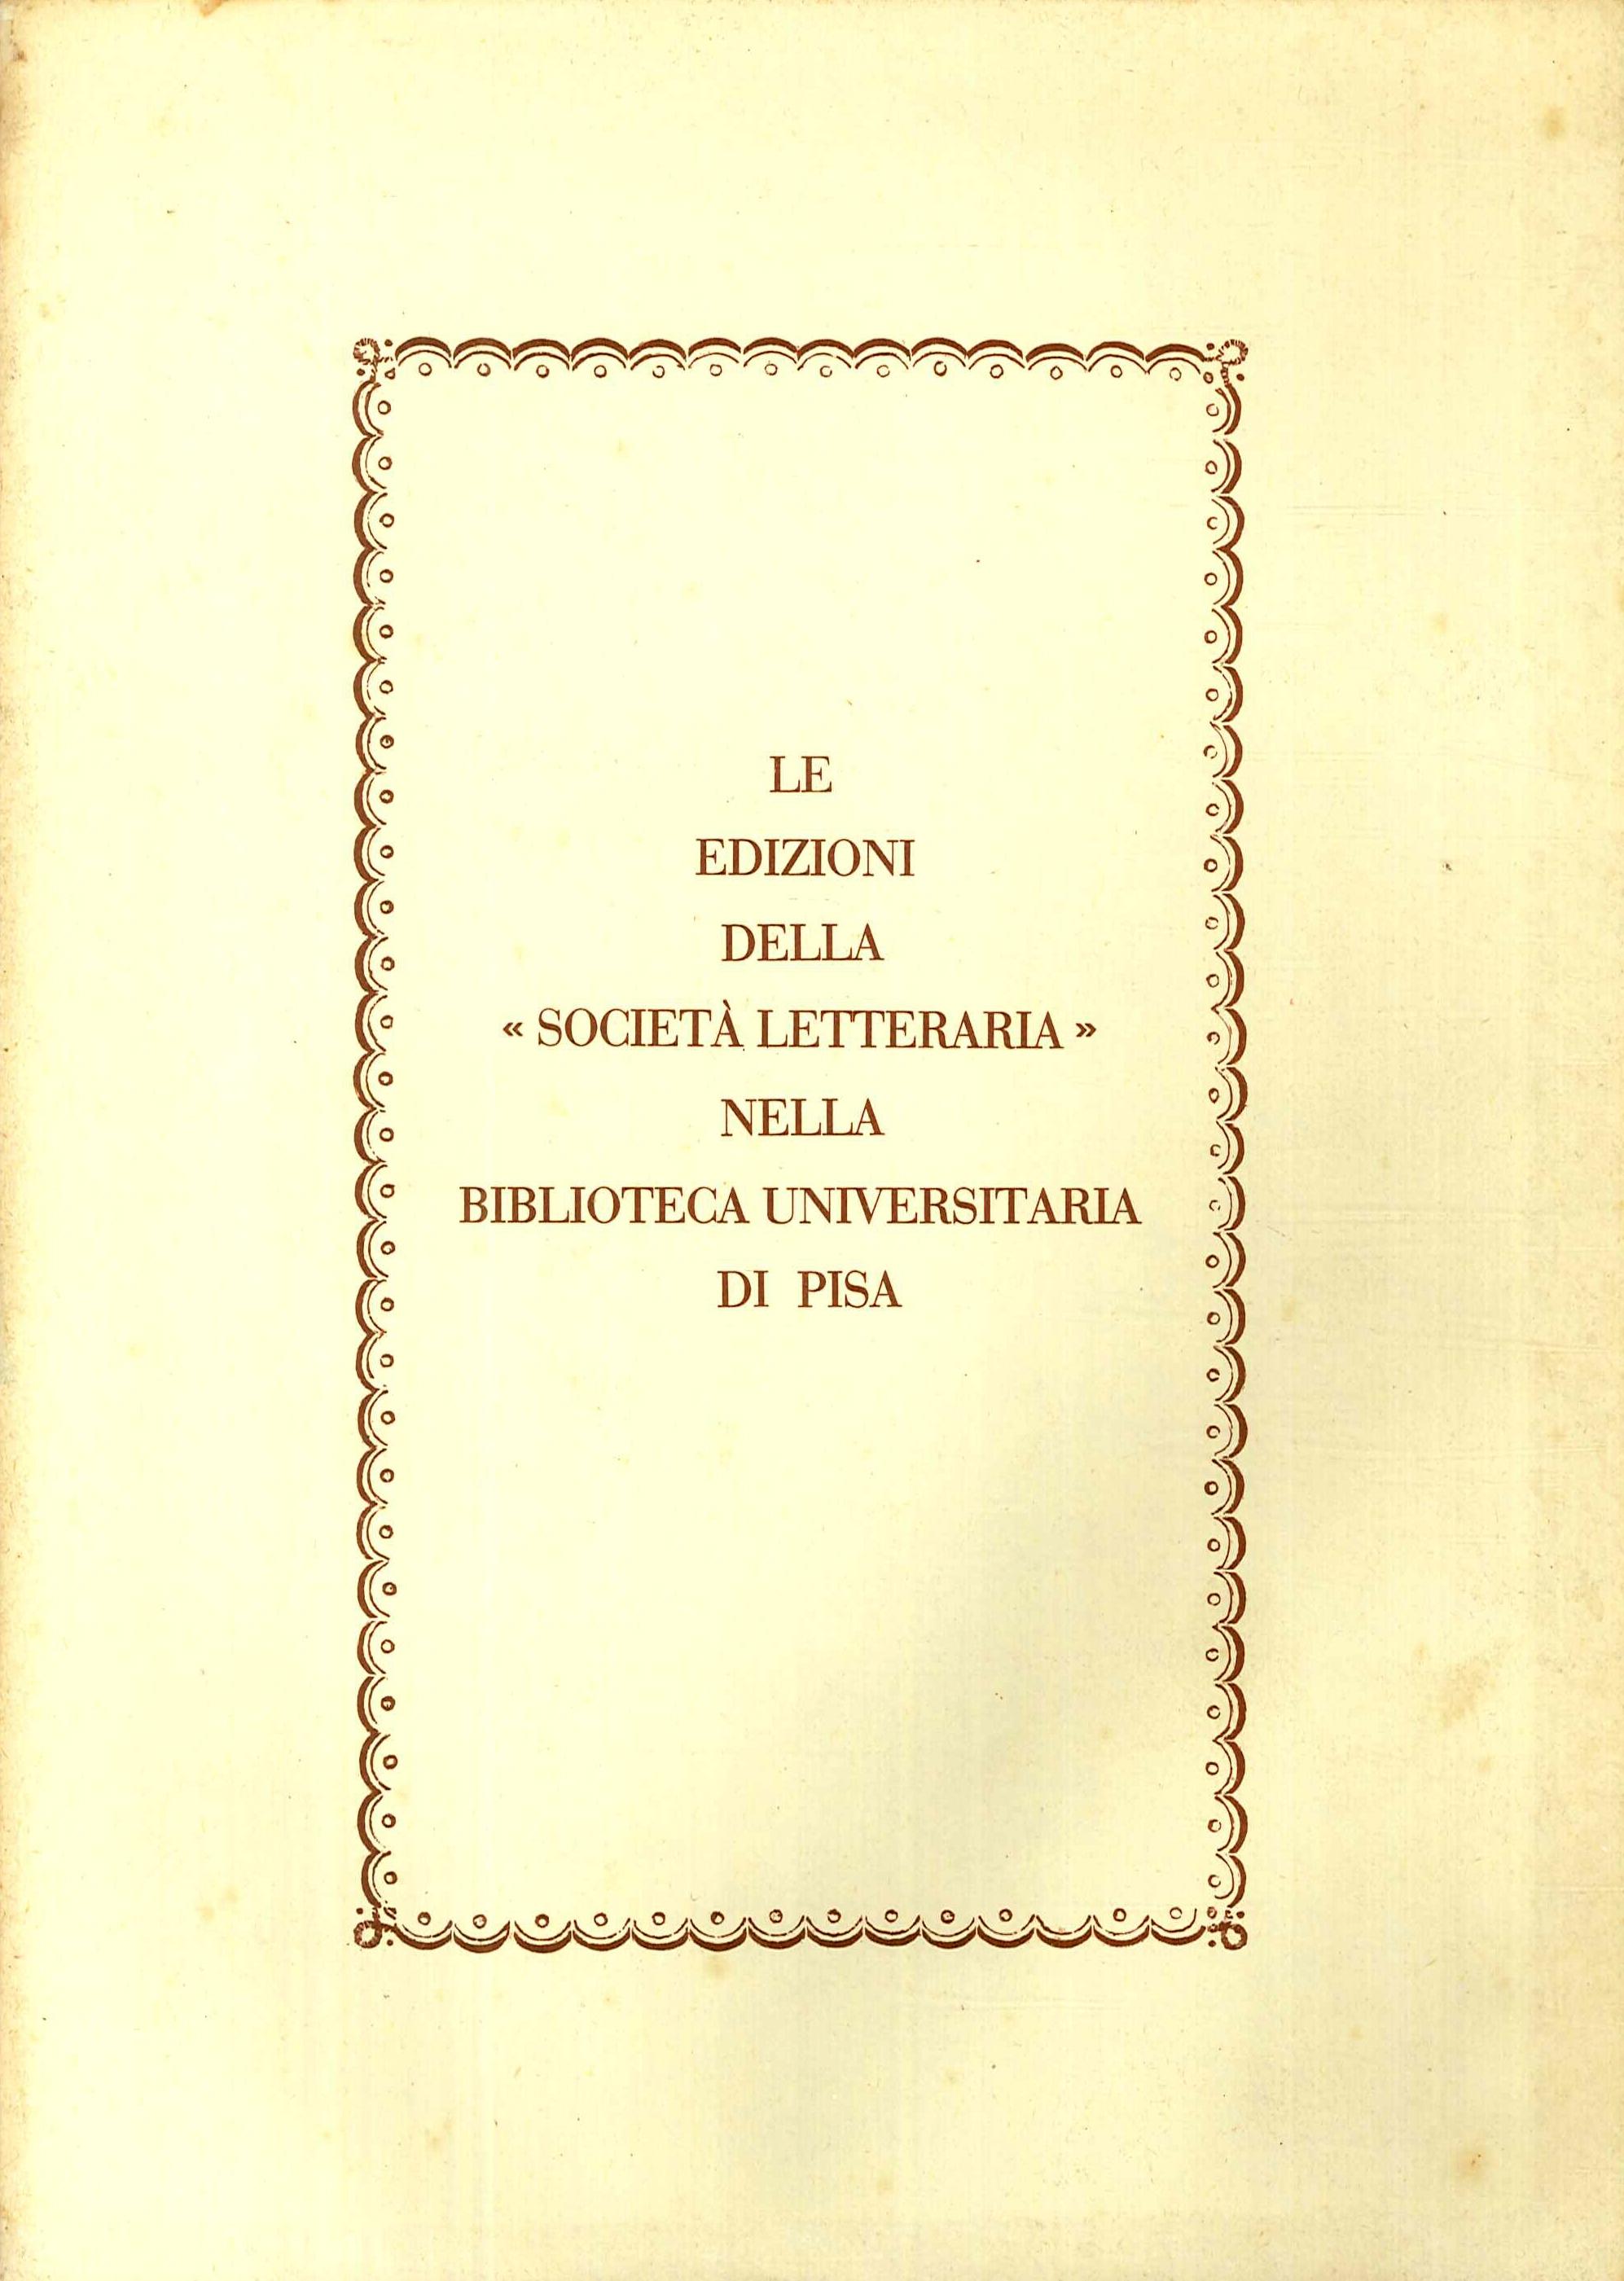 Le Edizioni della Società Letteraria nella Biblioteca Universitaria di Pisa